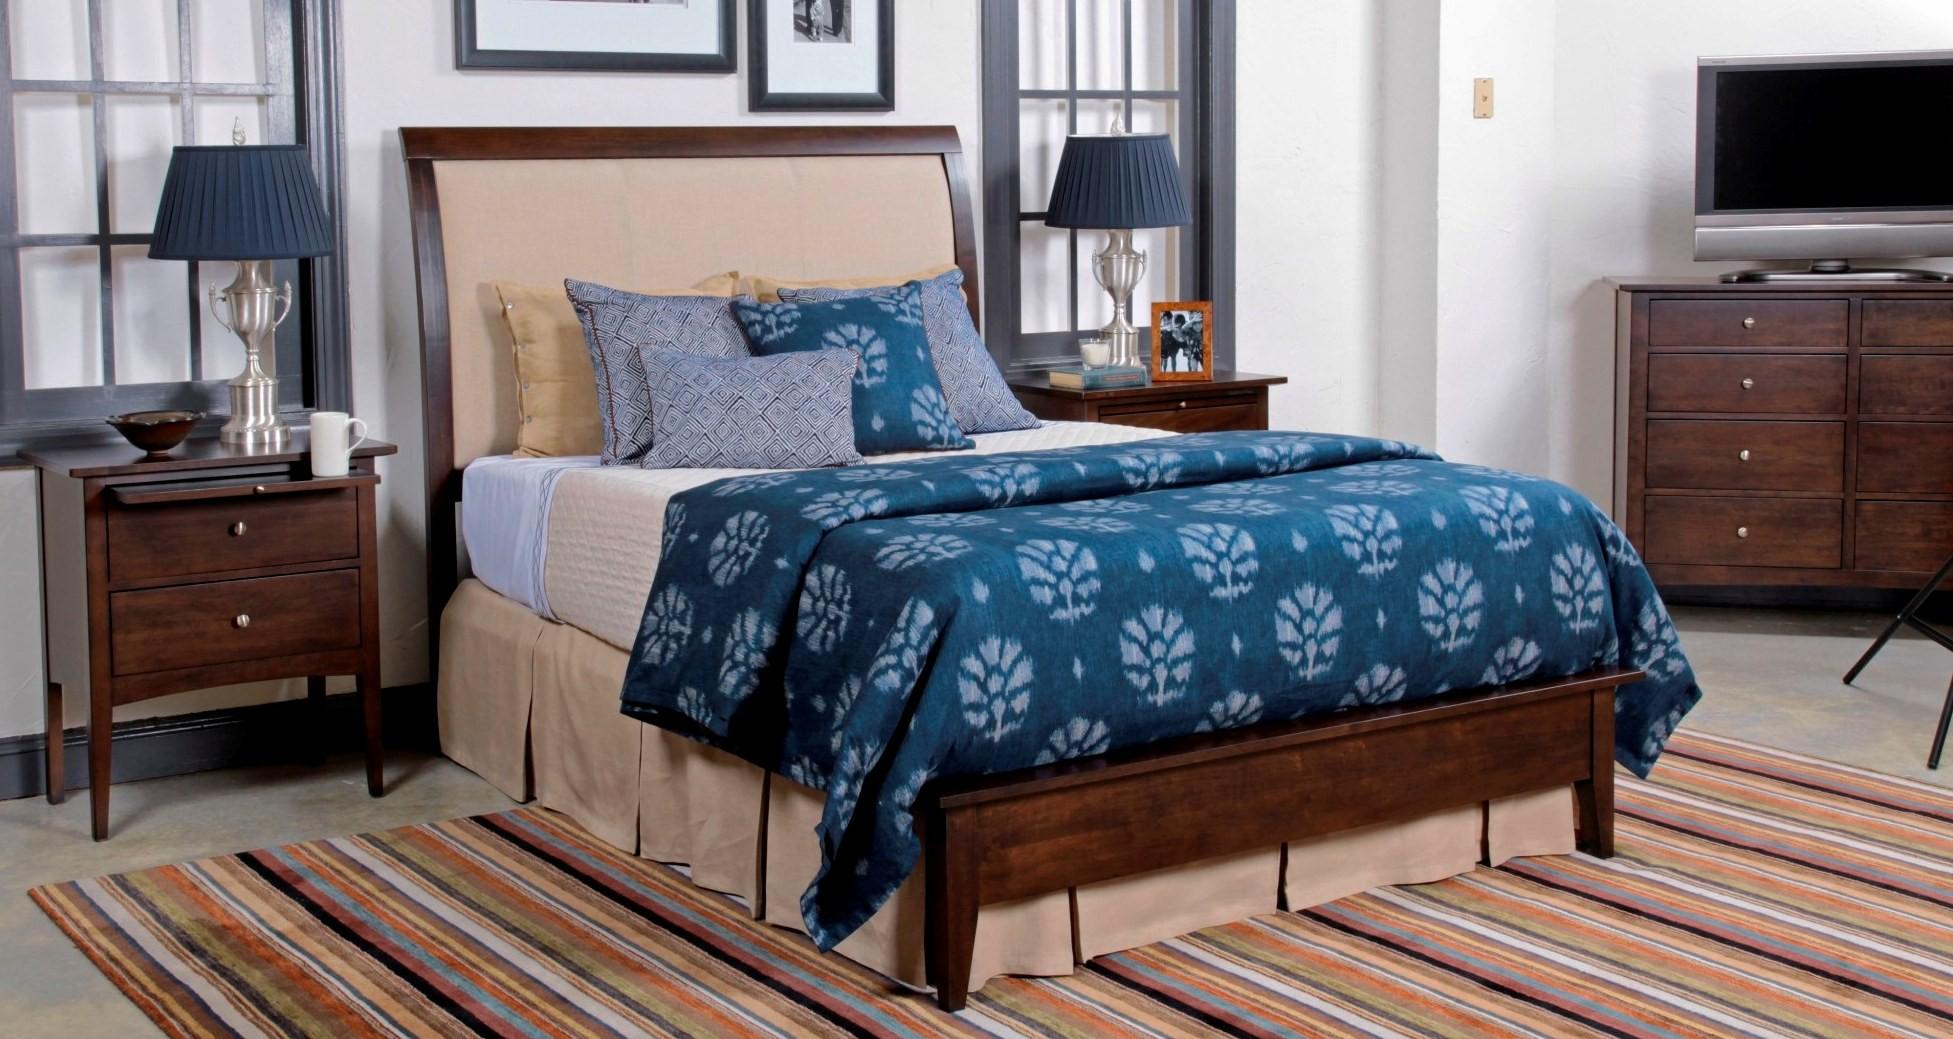 Meridian Bedroom Furniture Gatherings Cinnamon Meridian Bedroom Set From 44 2520p Coleman